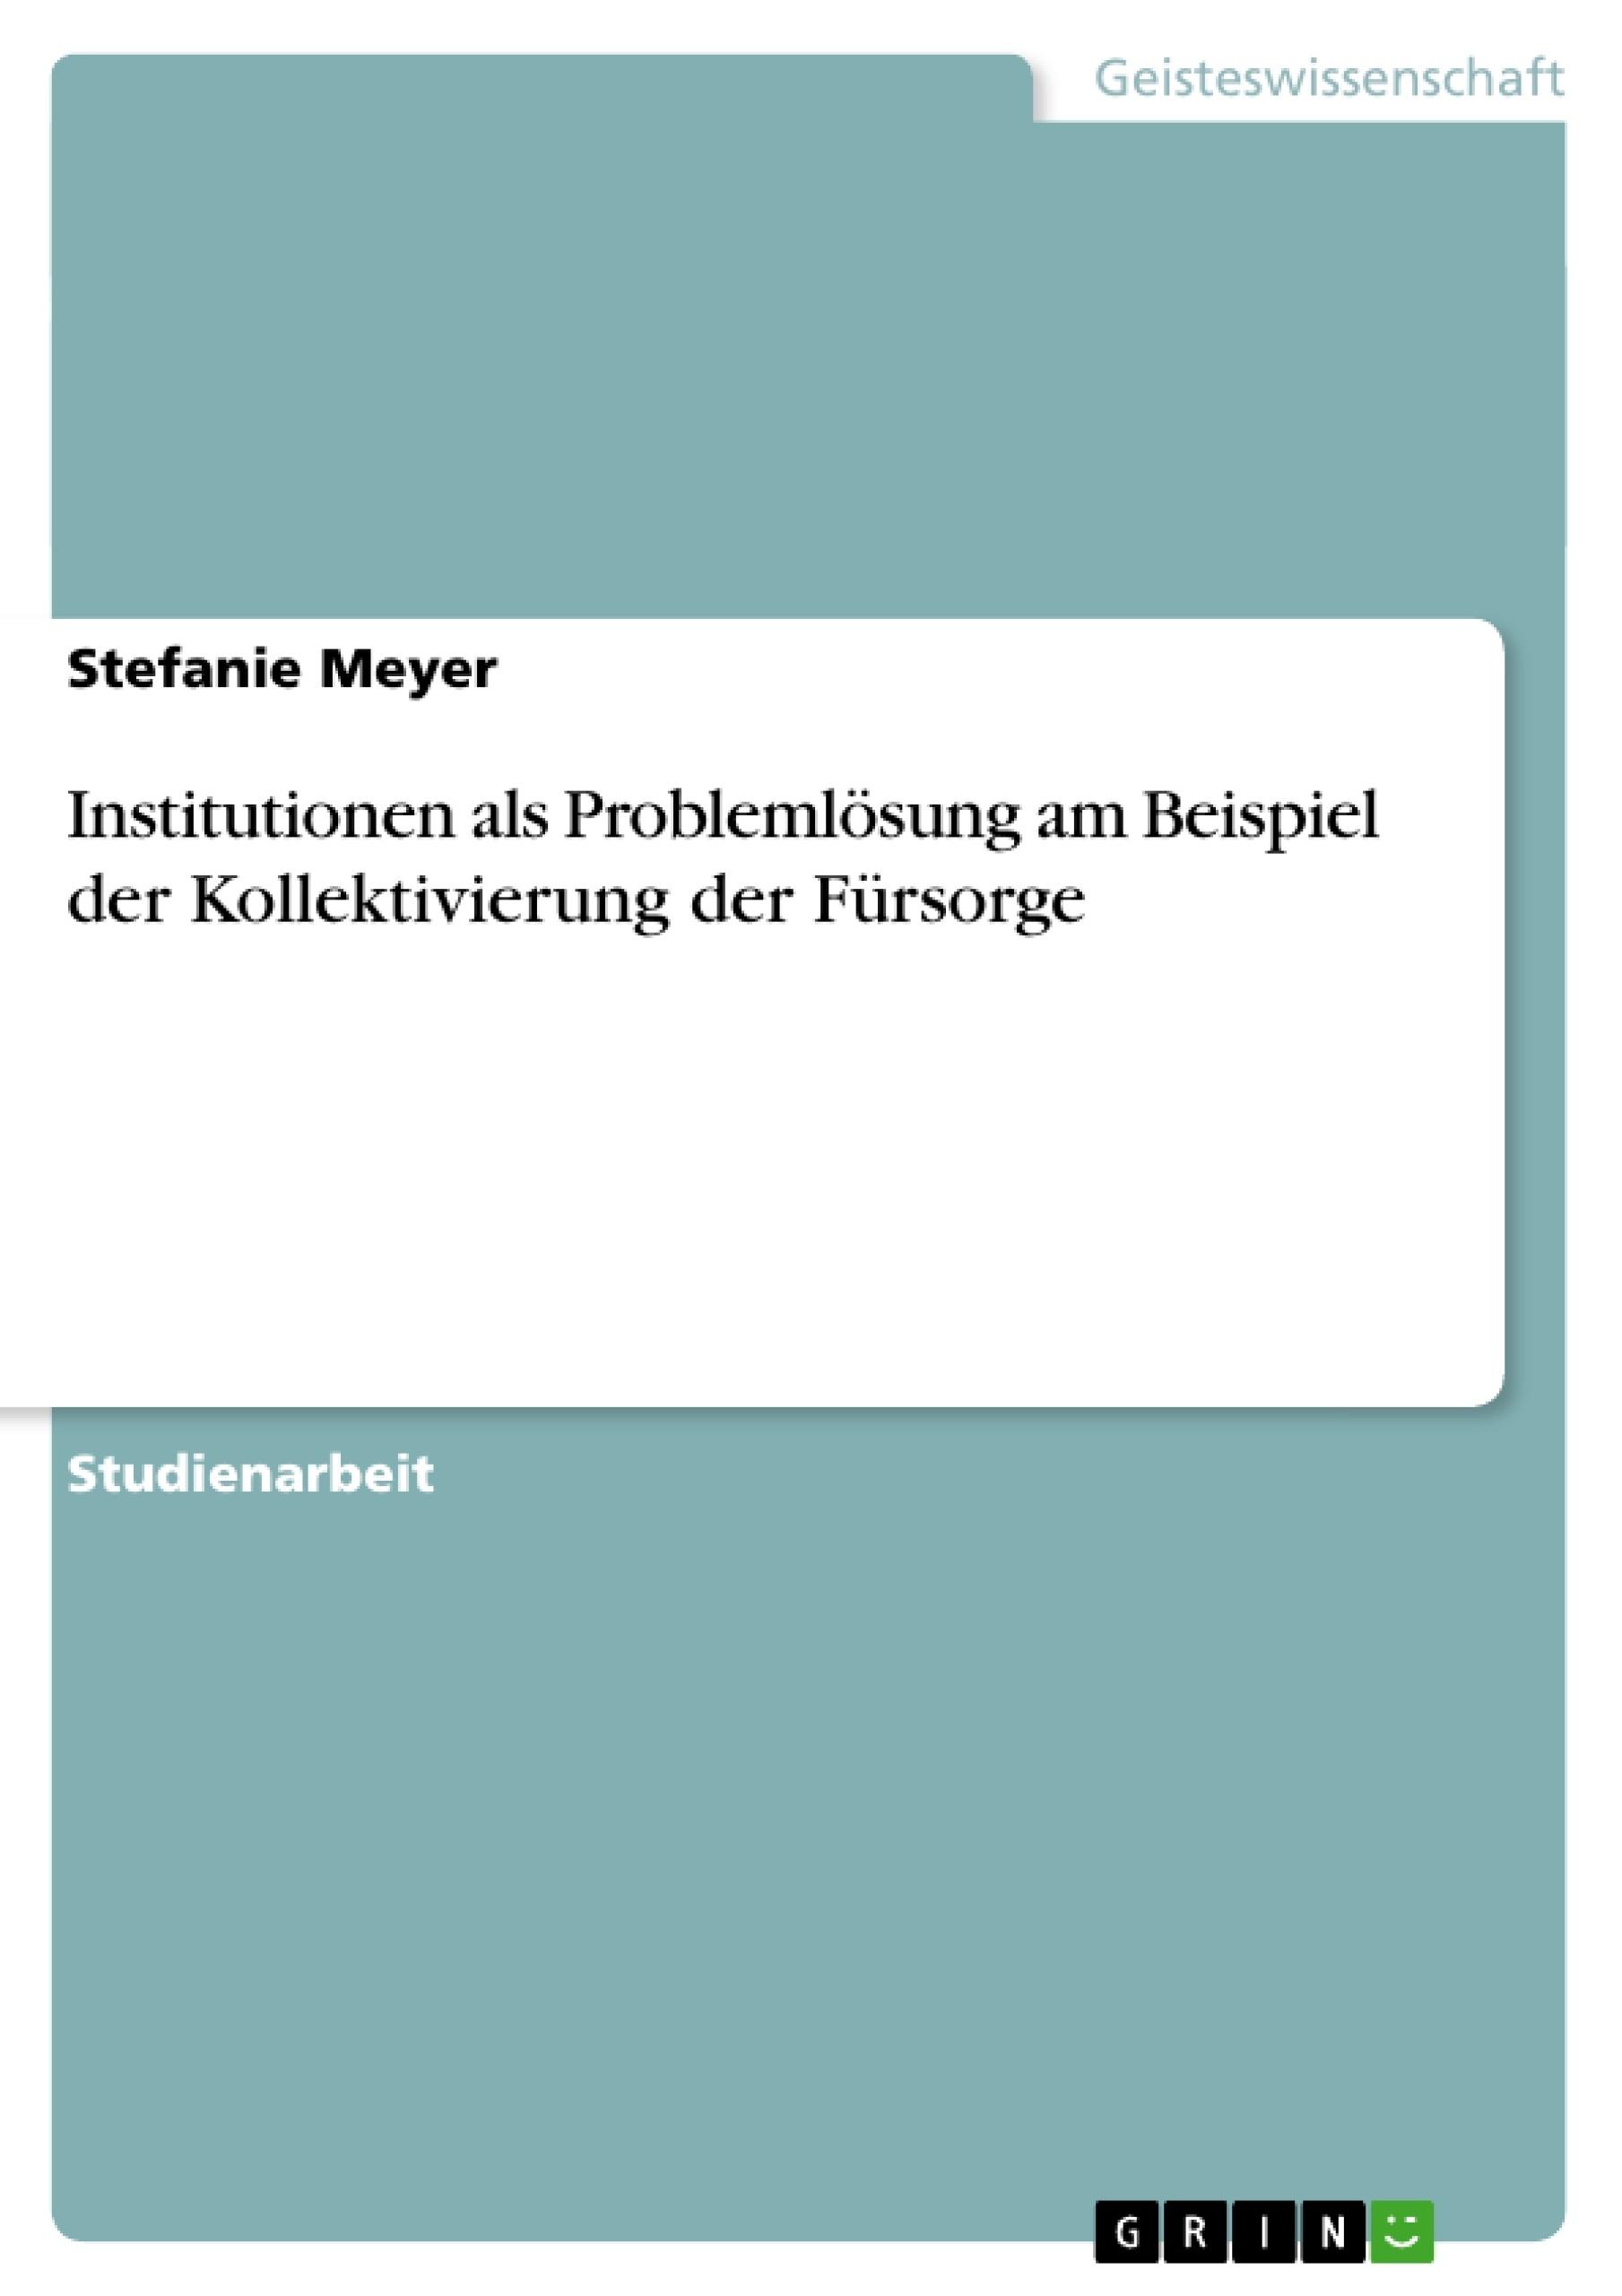 Titel: Institutionen als Problemlösung am Beispiel der Kollektivierung der Fürsorge